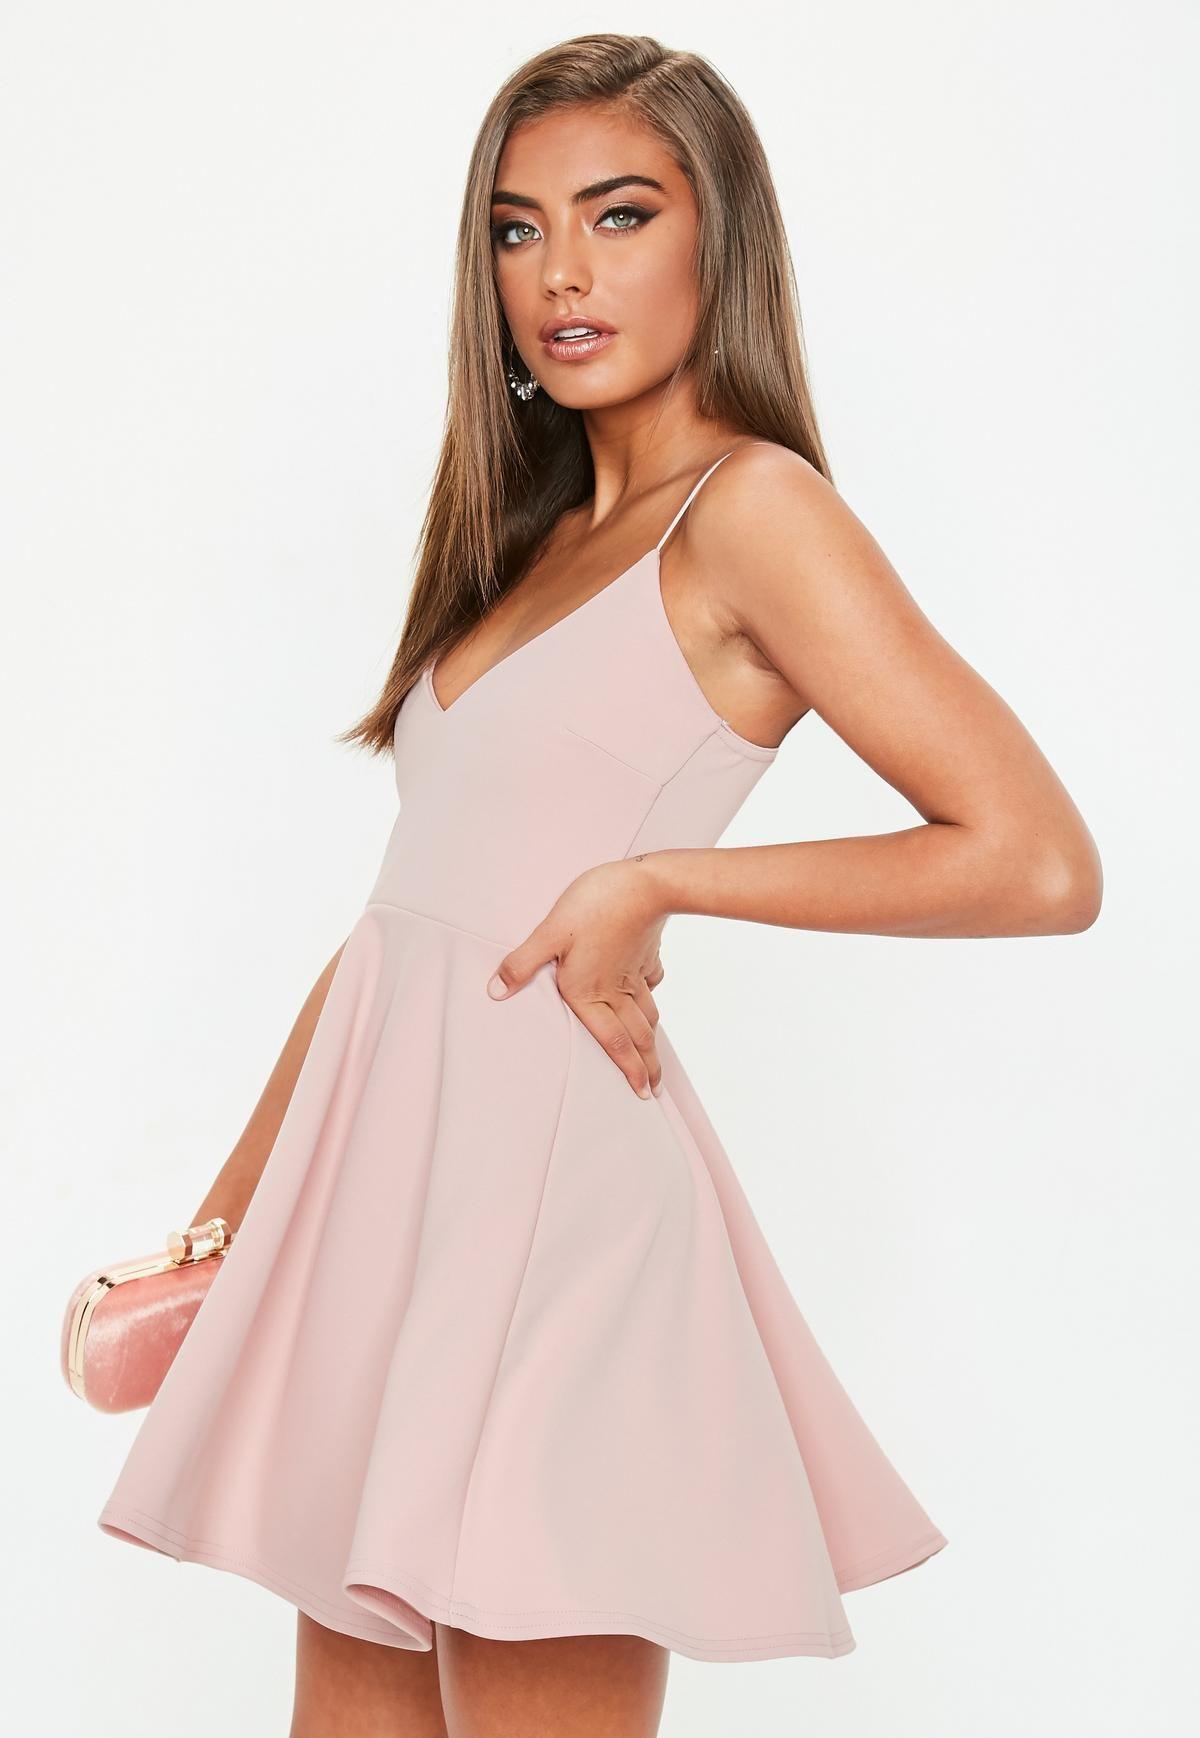 45+ Petite pink dress ideas in 2021